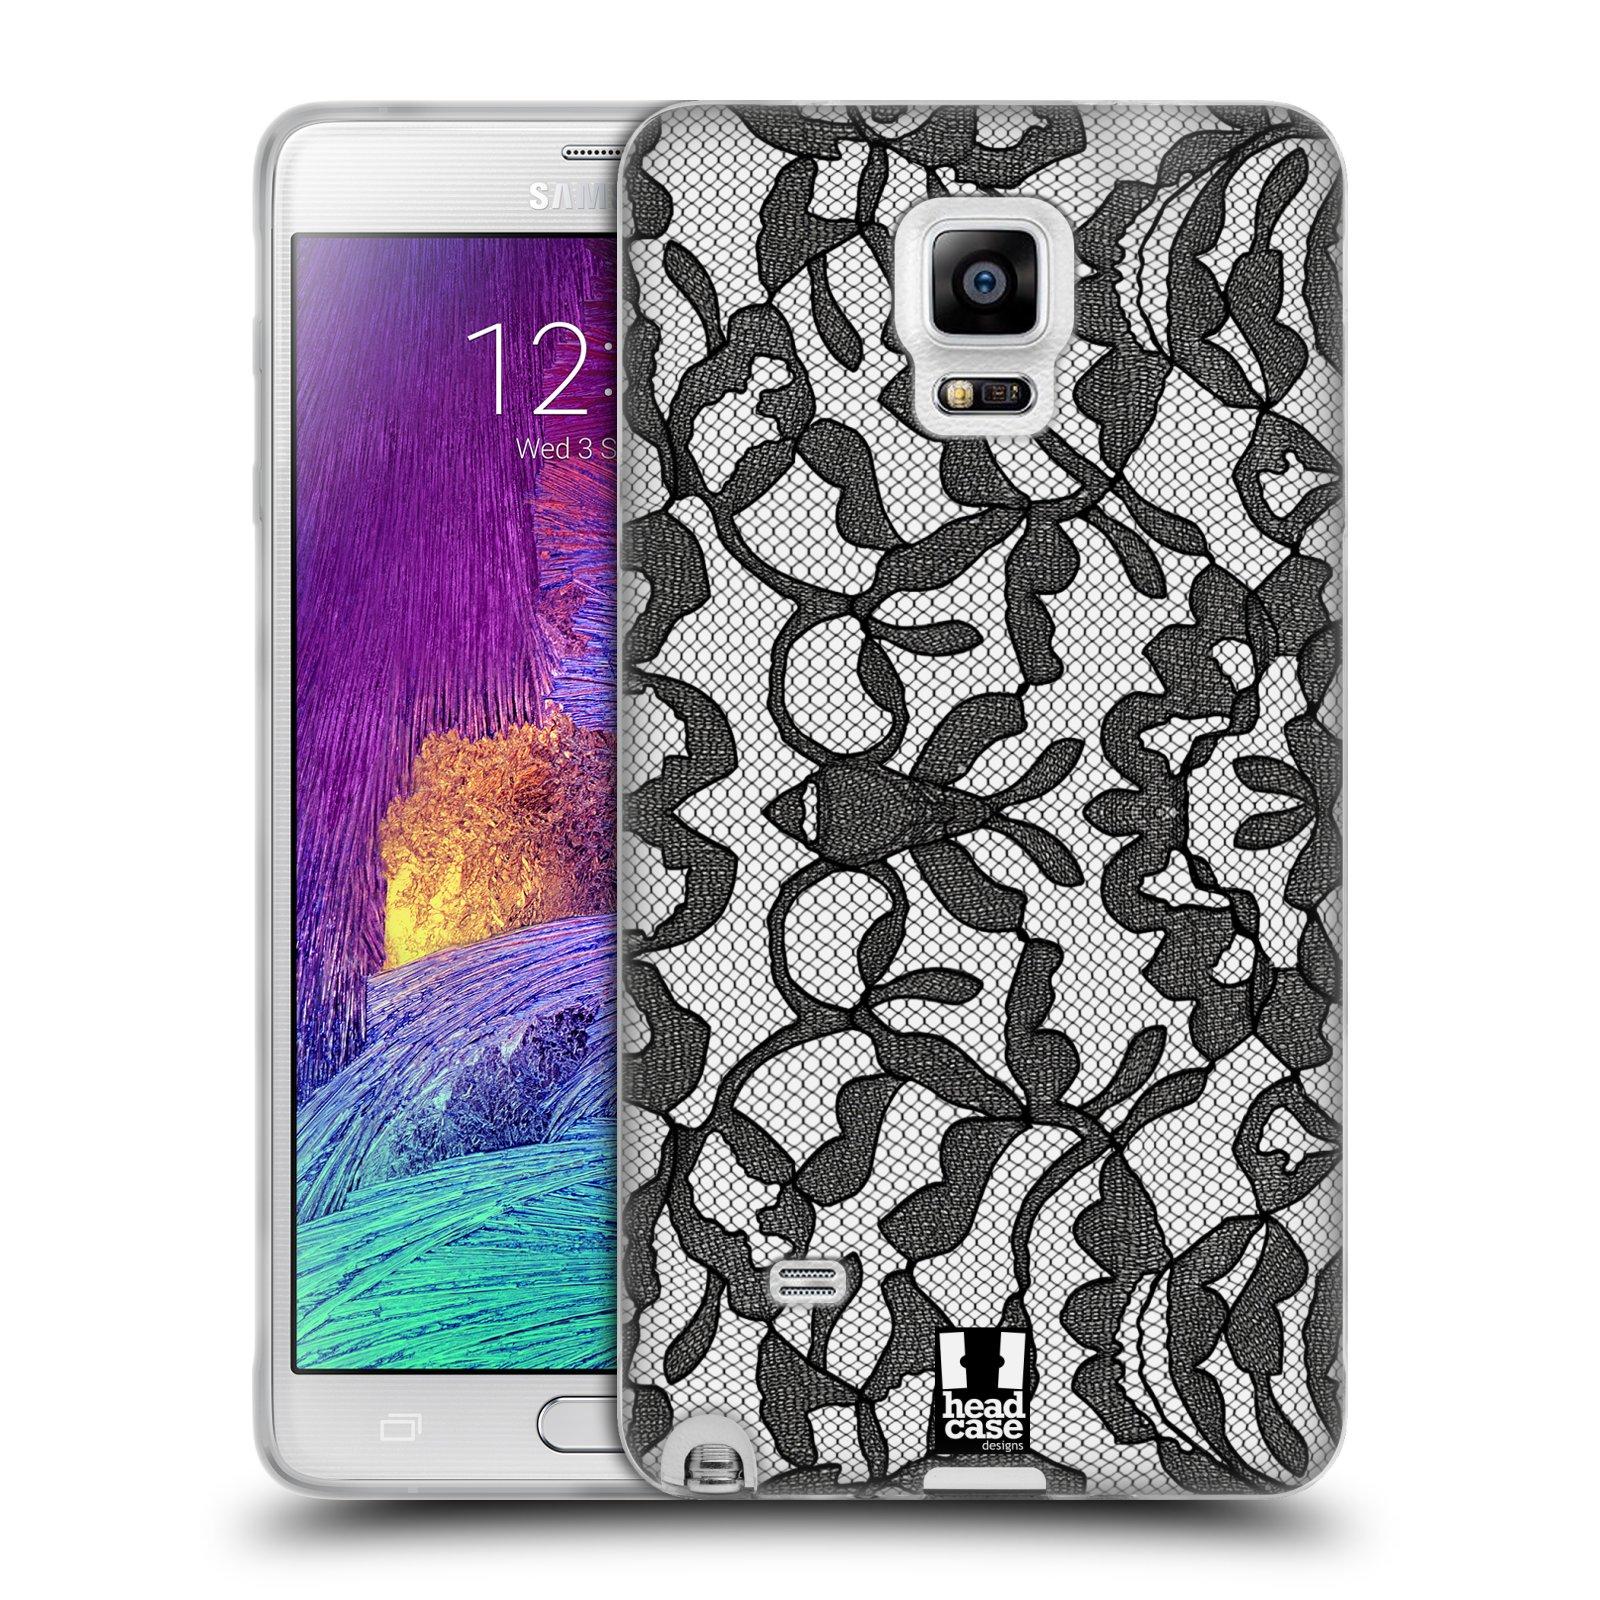 Silikonové pouzdro na mobil Samsung Galaxy Note 4 HEAD CASE LEAFY KRAJKA (Silikonový kryt či obal na mobilní telefon Samsung Galaxy Note 4 SM-N910F)